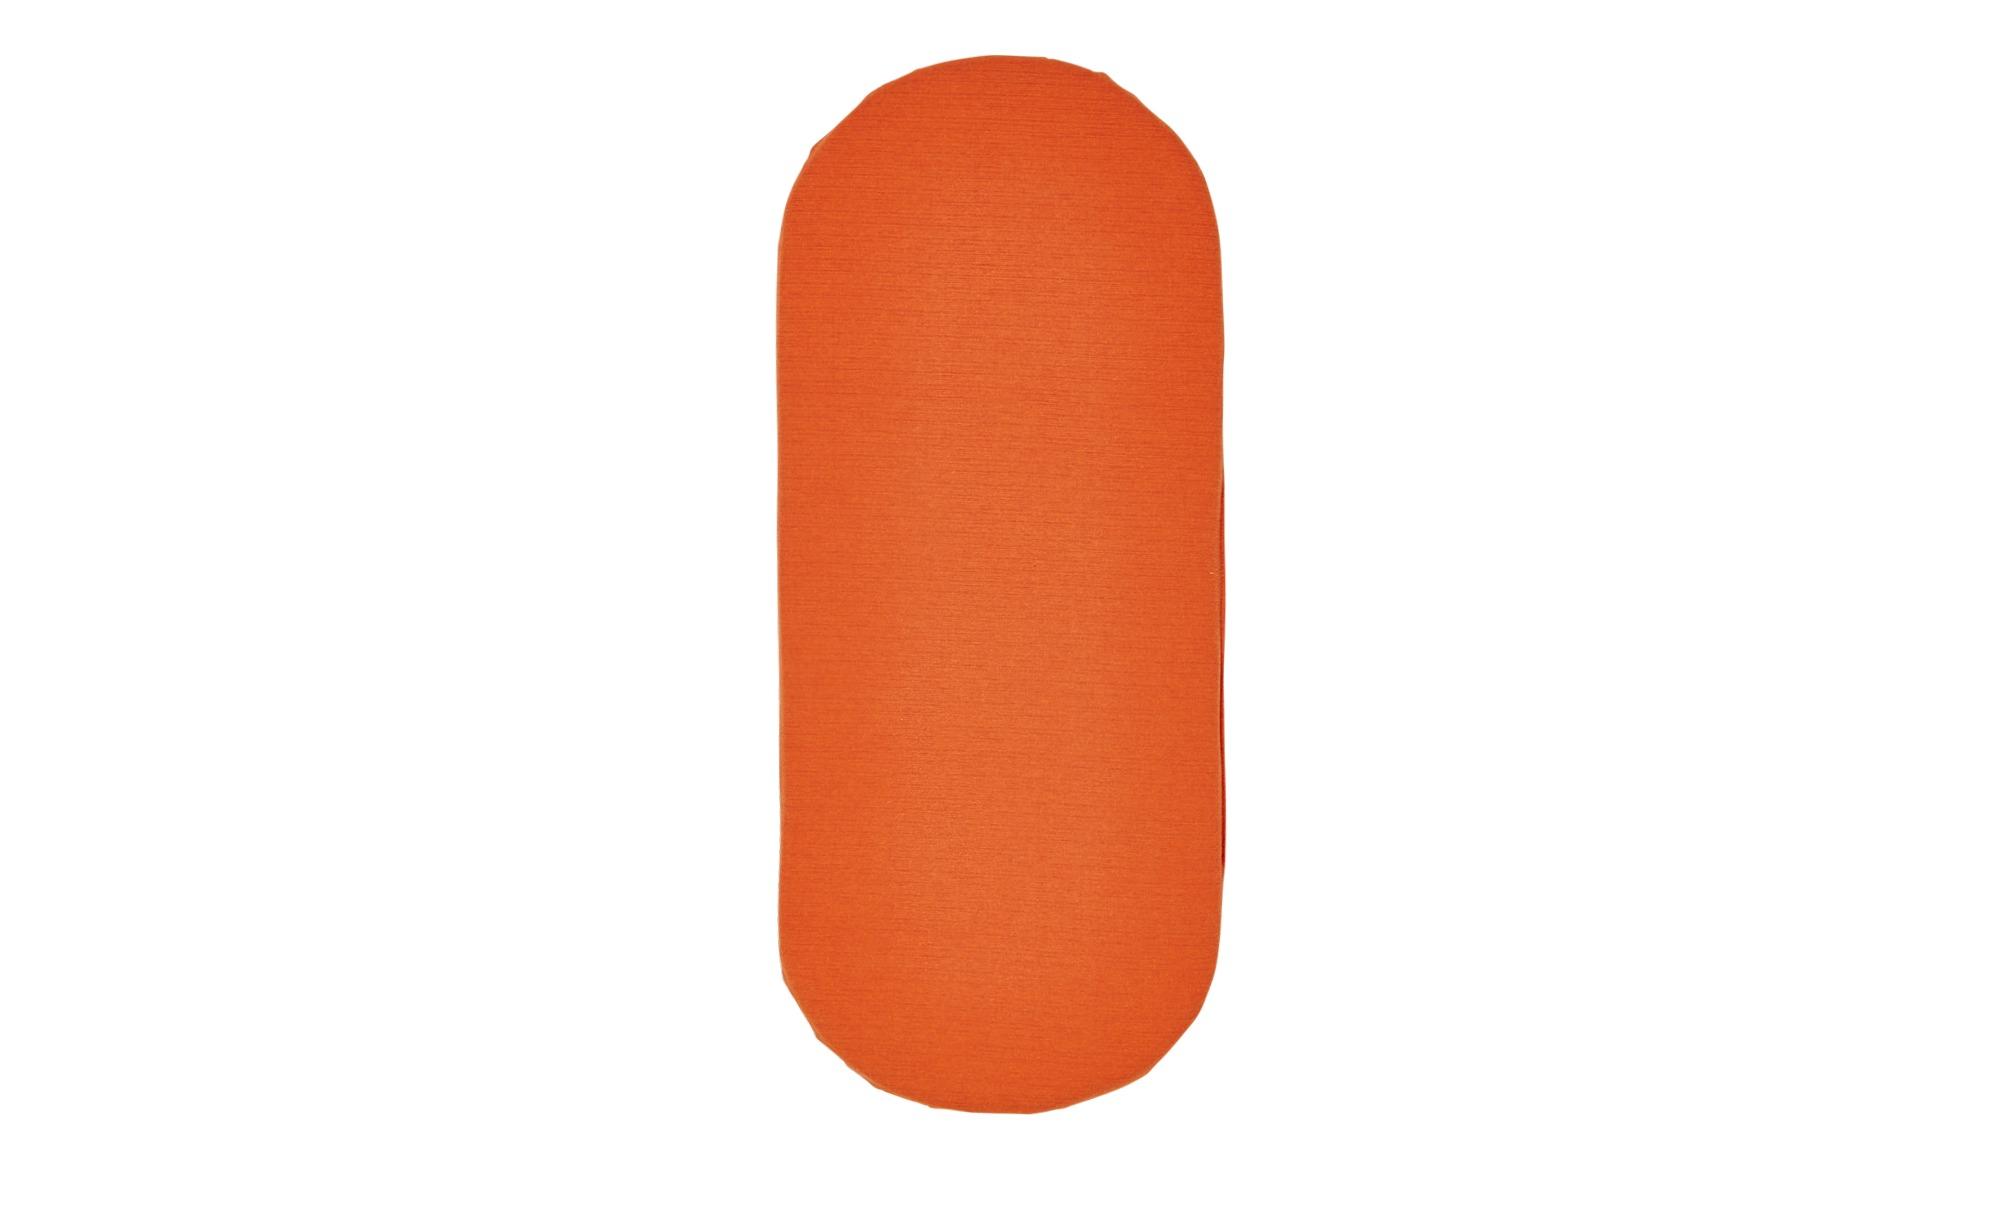 Bankkissen  Wien ¦ orange ¦ 60% Baumwolle , 40% Polyester ¦ Maße (cm): B: 39 Garten > Auflagen & Kissen > Sonstige Sitzkissen - Höffner